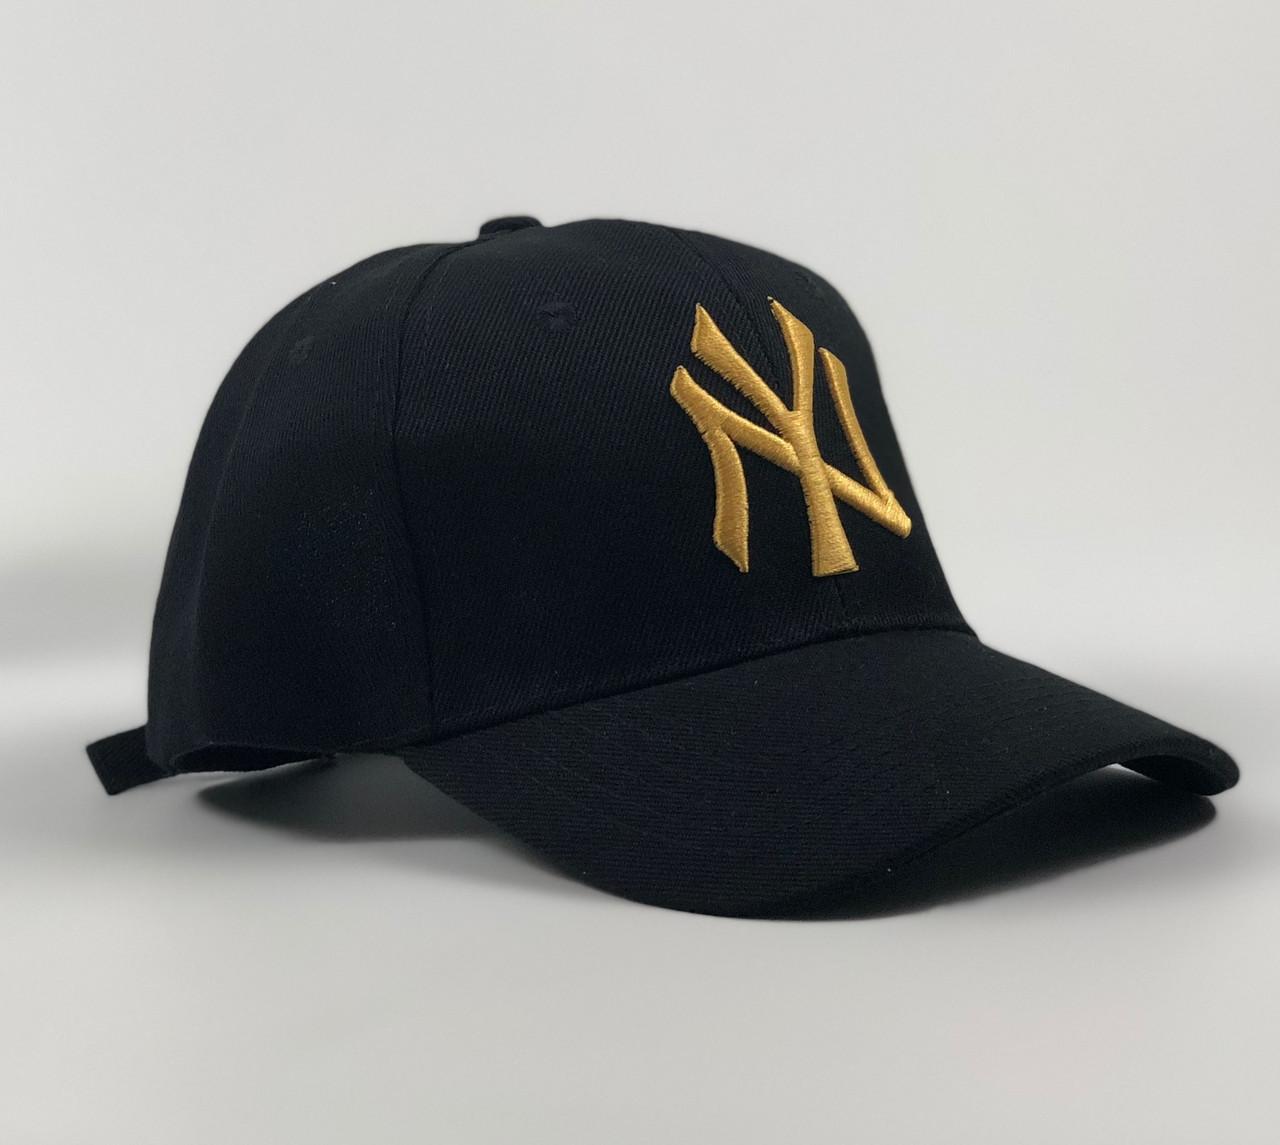 Кепка Бейсболка Чоловіча Жіноча New Era New York Yankees NY Чорна з Золотим лого